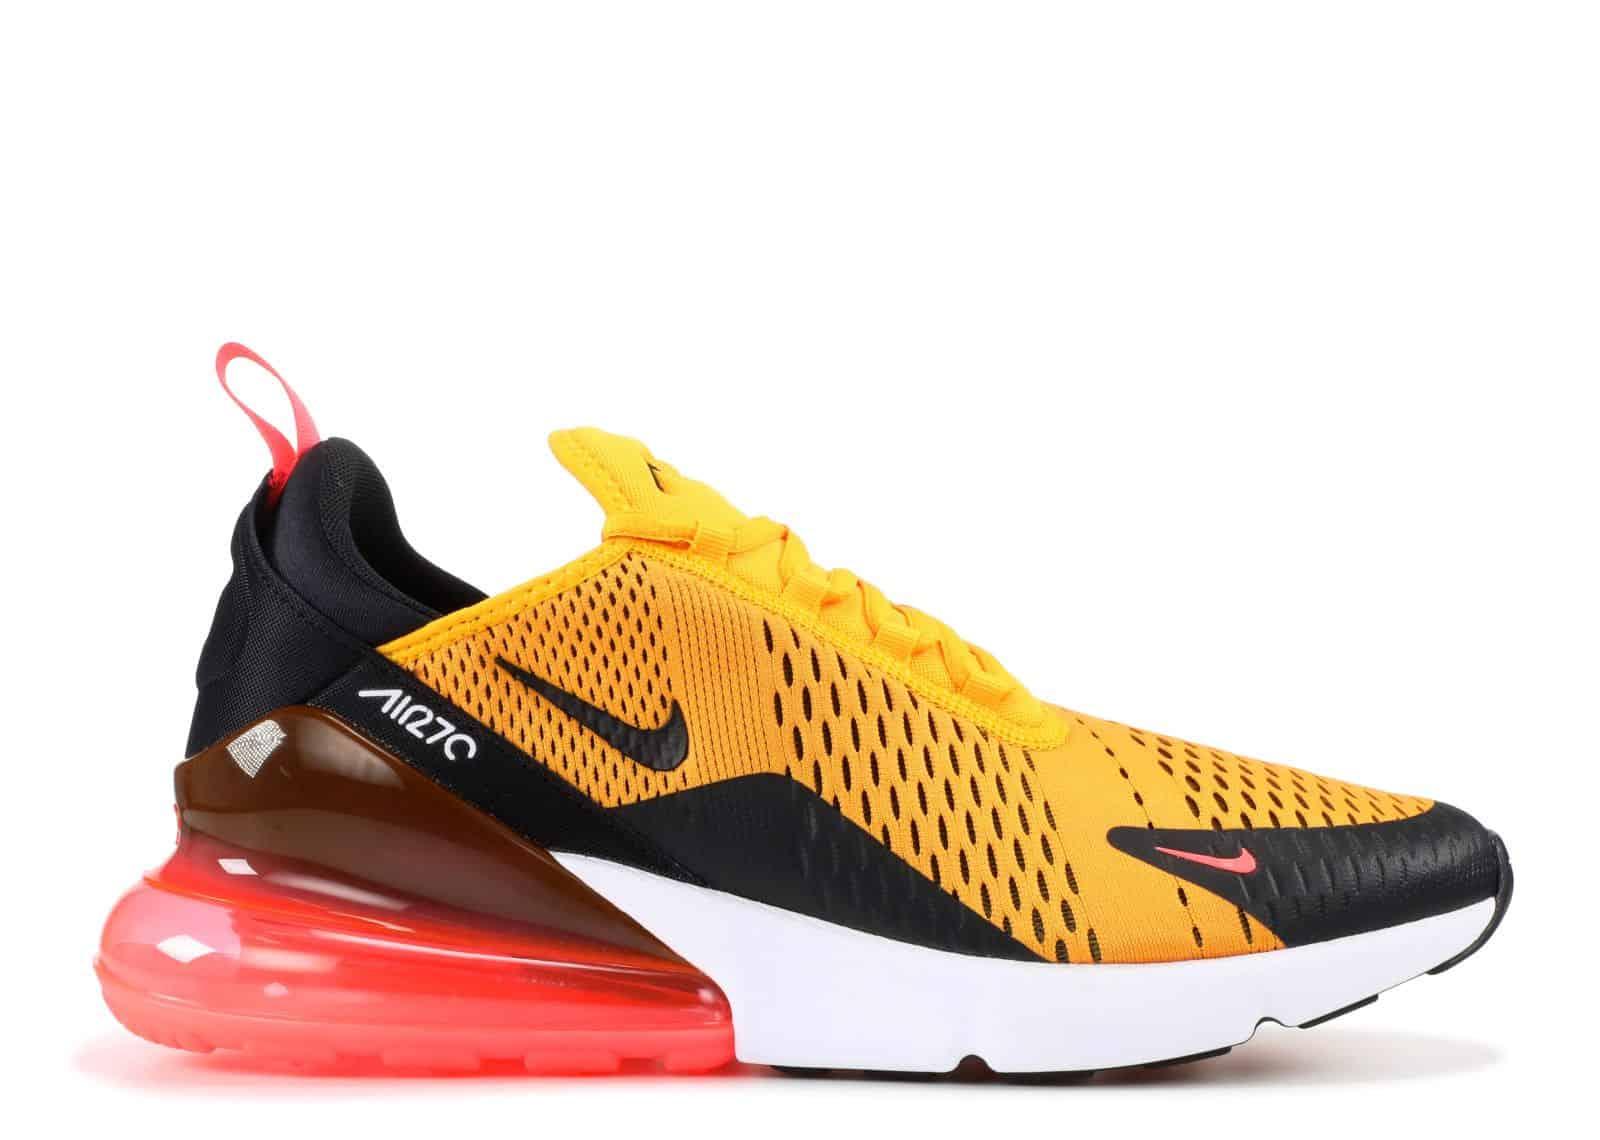 check out de661 56ec4 Biareview.com - Nike Air Max 270